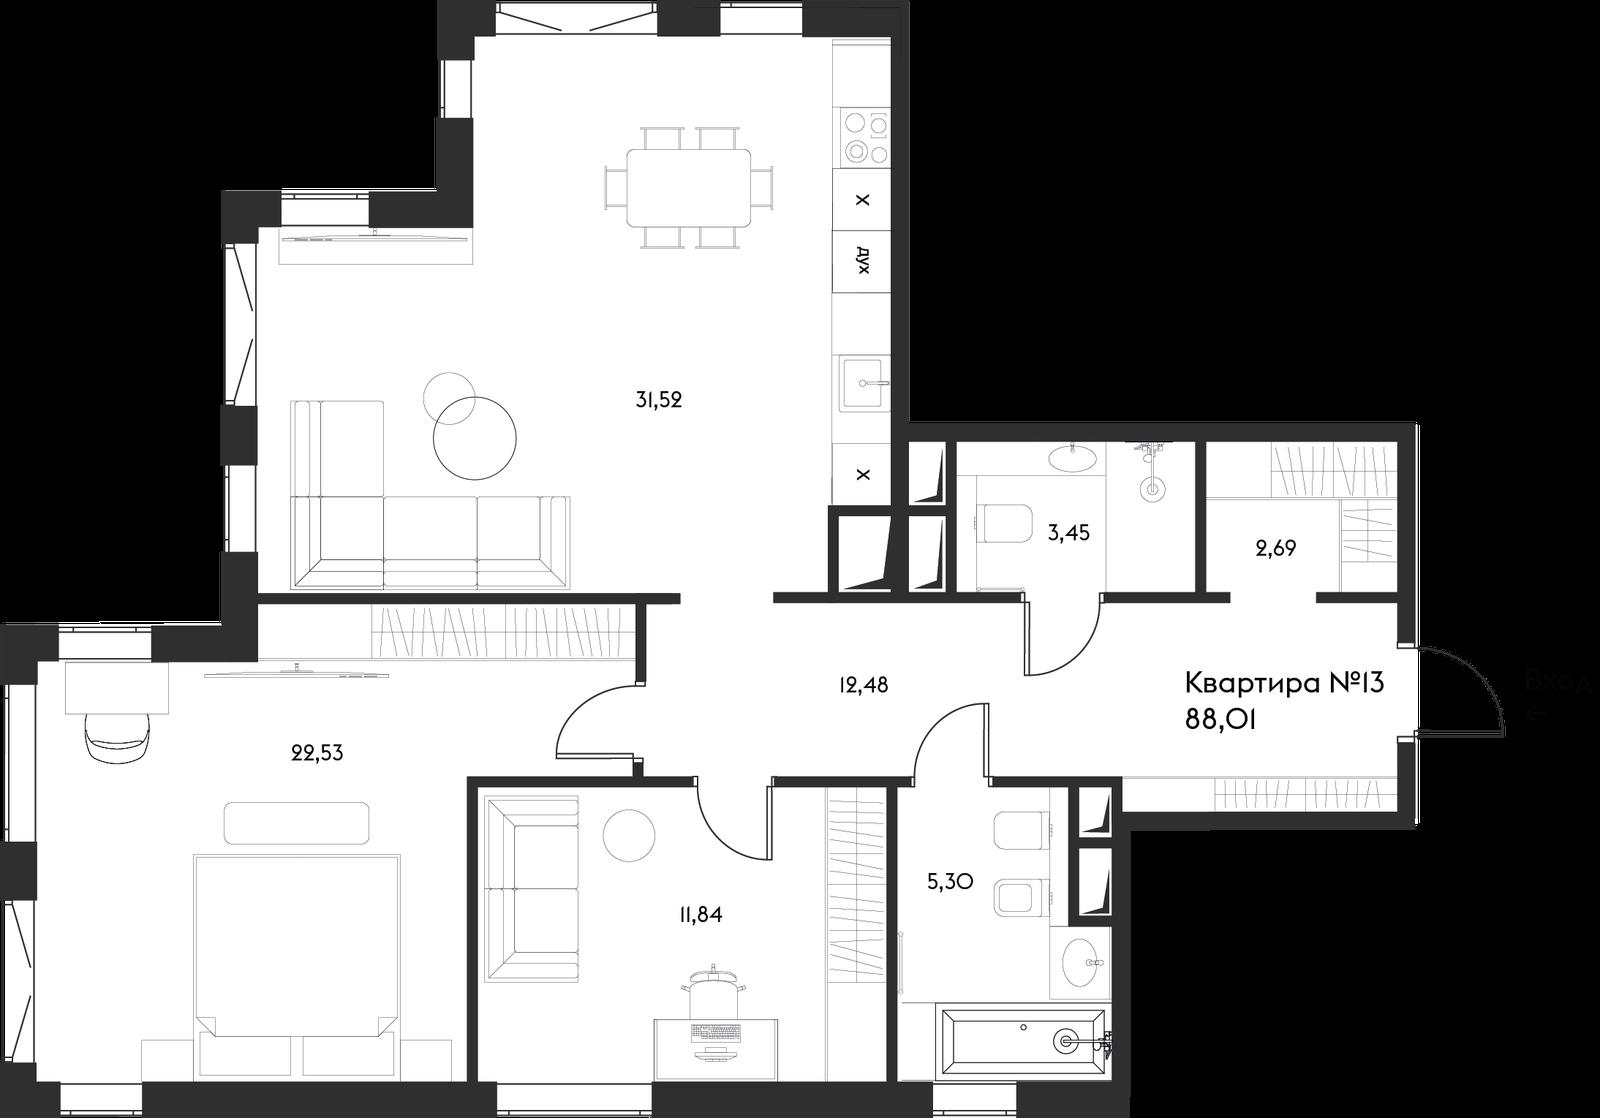 Продаётся 2-комнатная квартира в новостройке 88.0 кв.м. этаж 6/17 за 50 465 863 руб